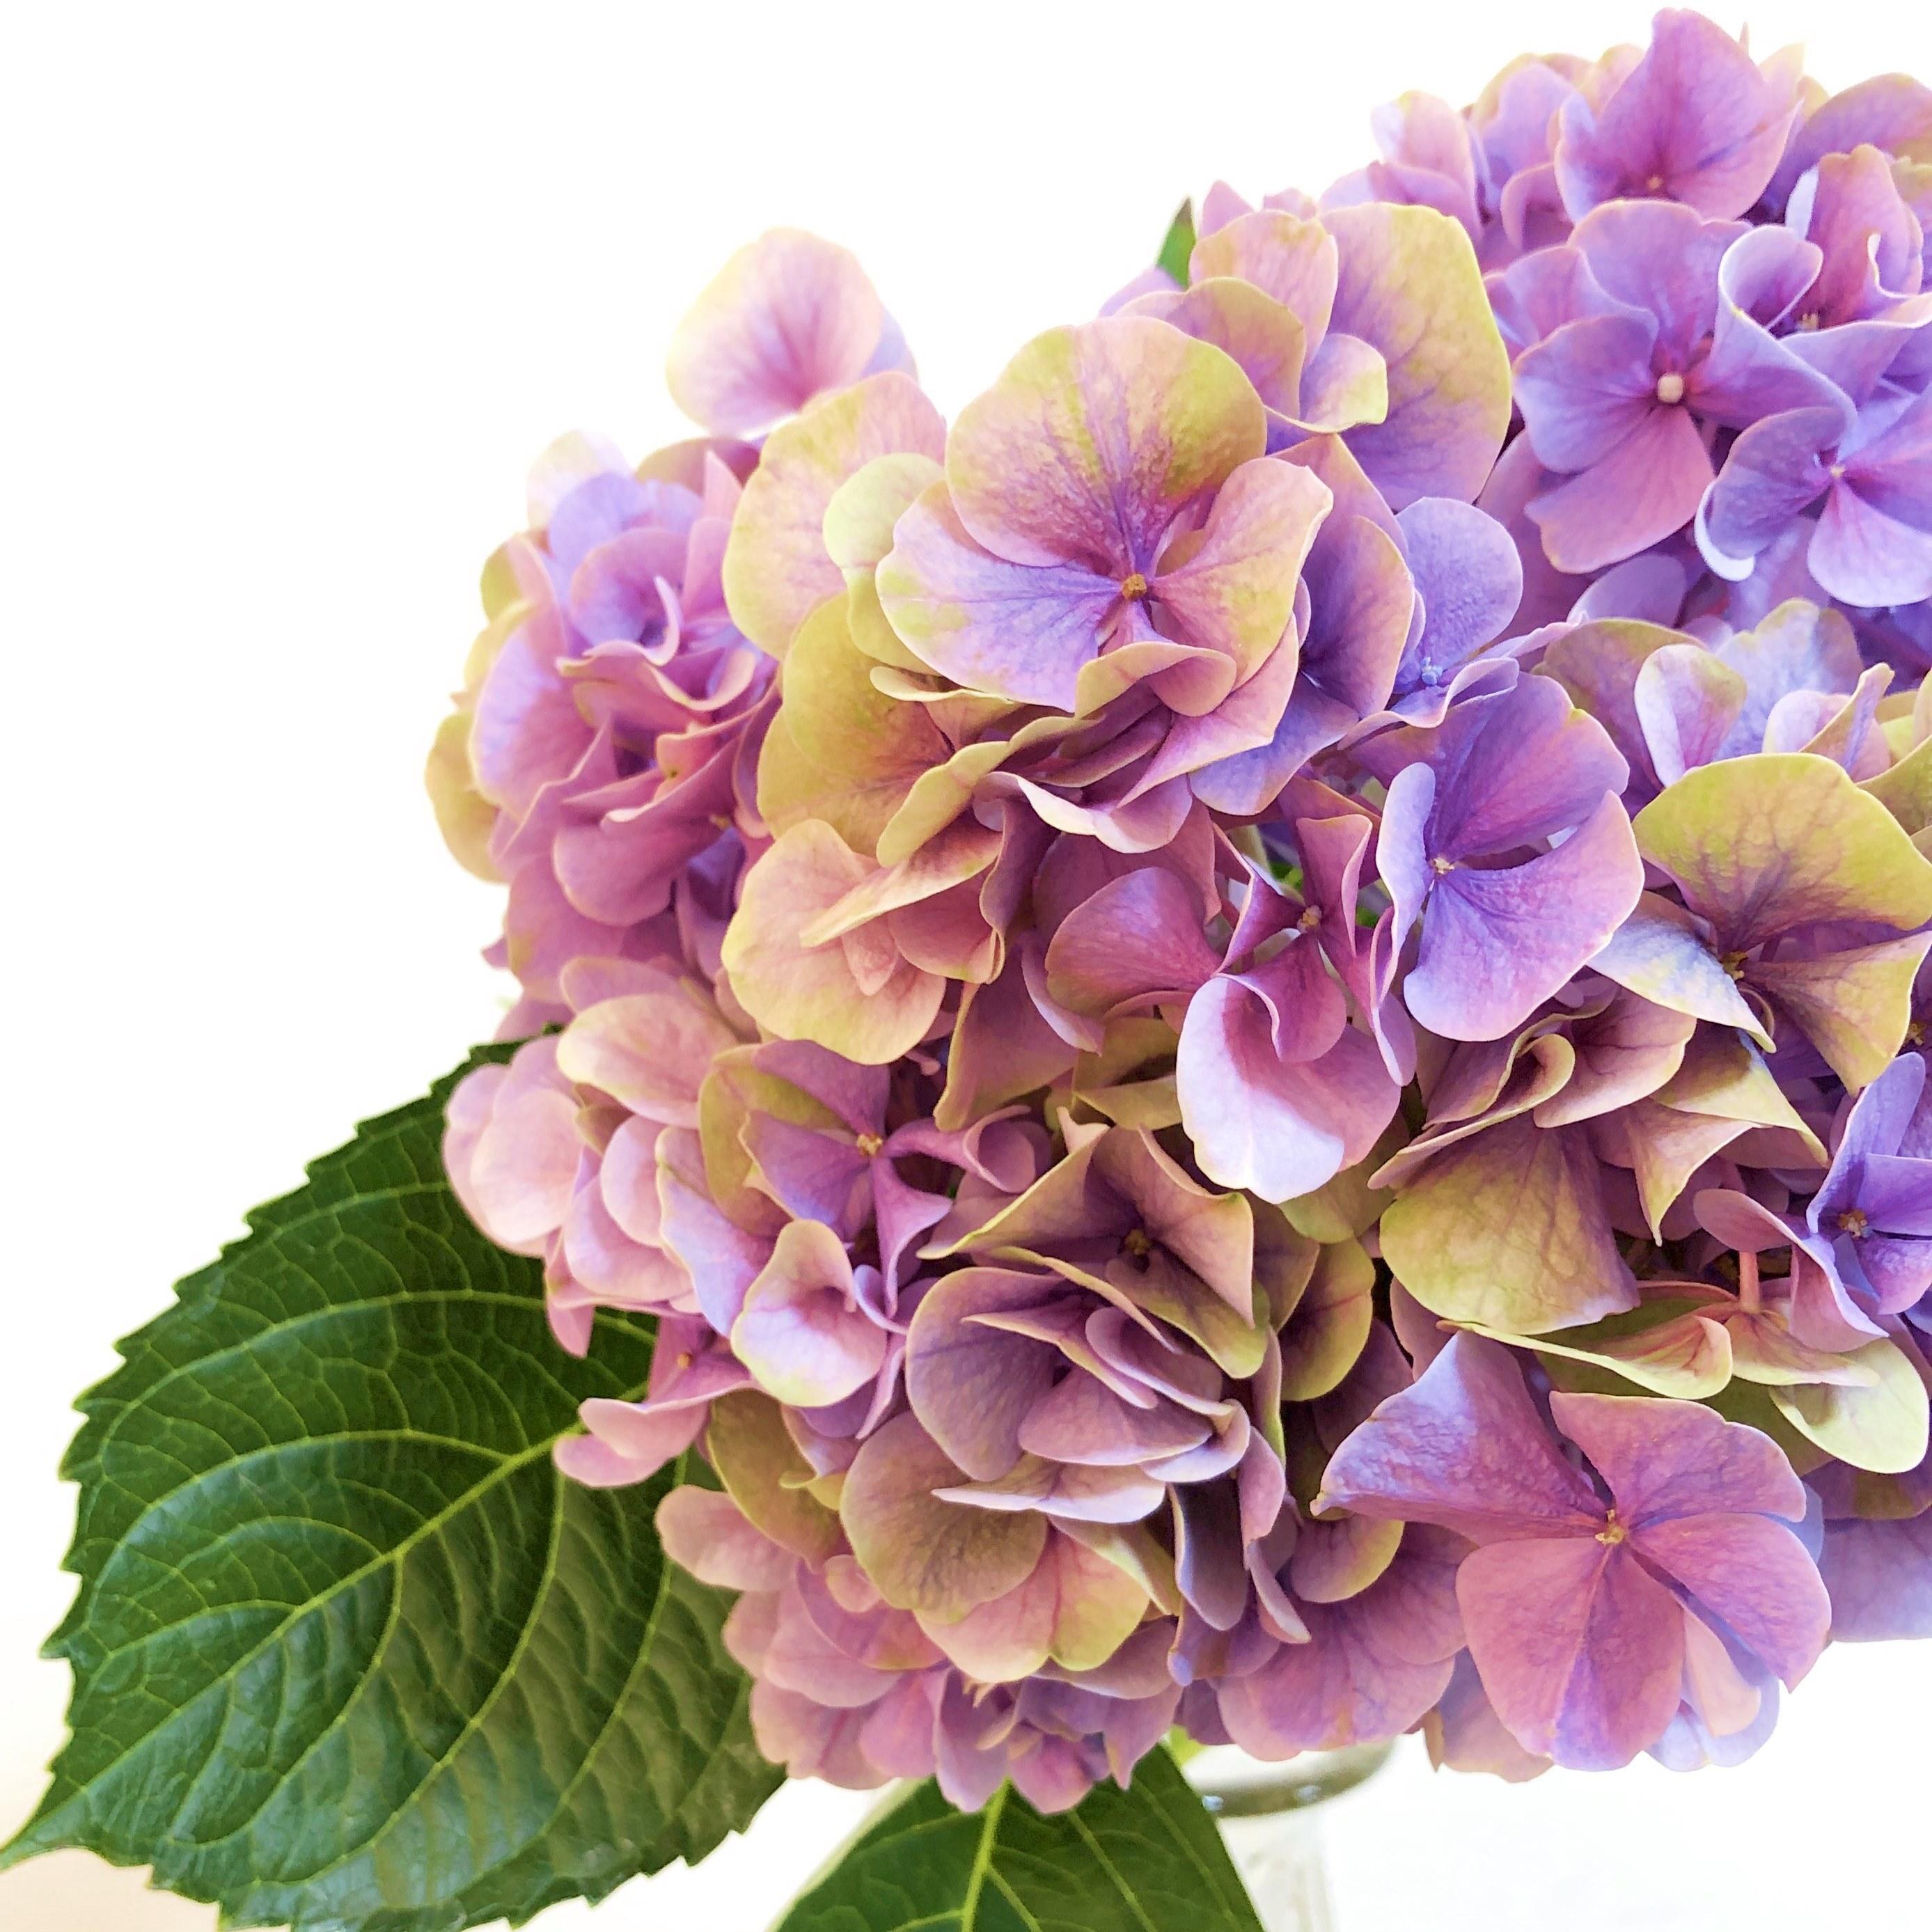 ブライダル応援!! 千葉県 青木園芸 ハイドランジア(アジサイ)アルプスアンティークのご提案